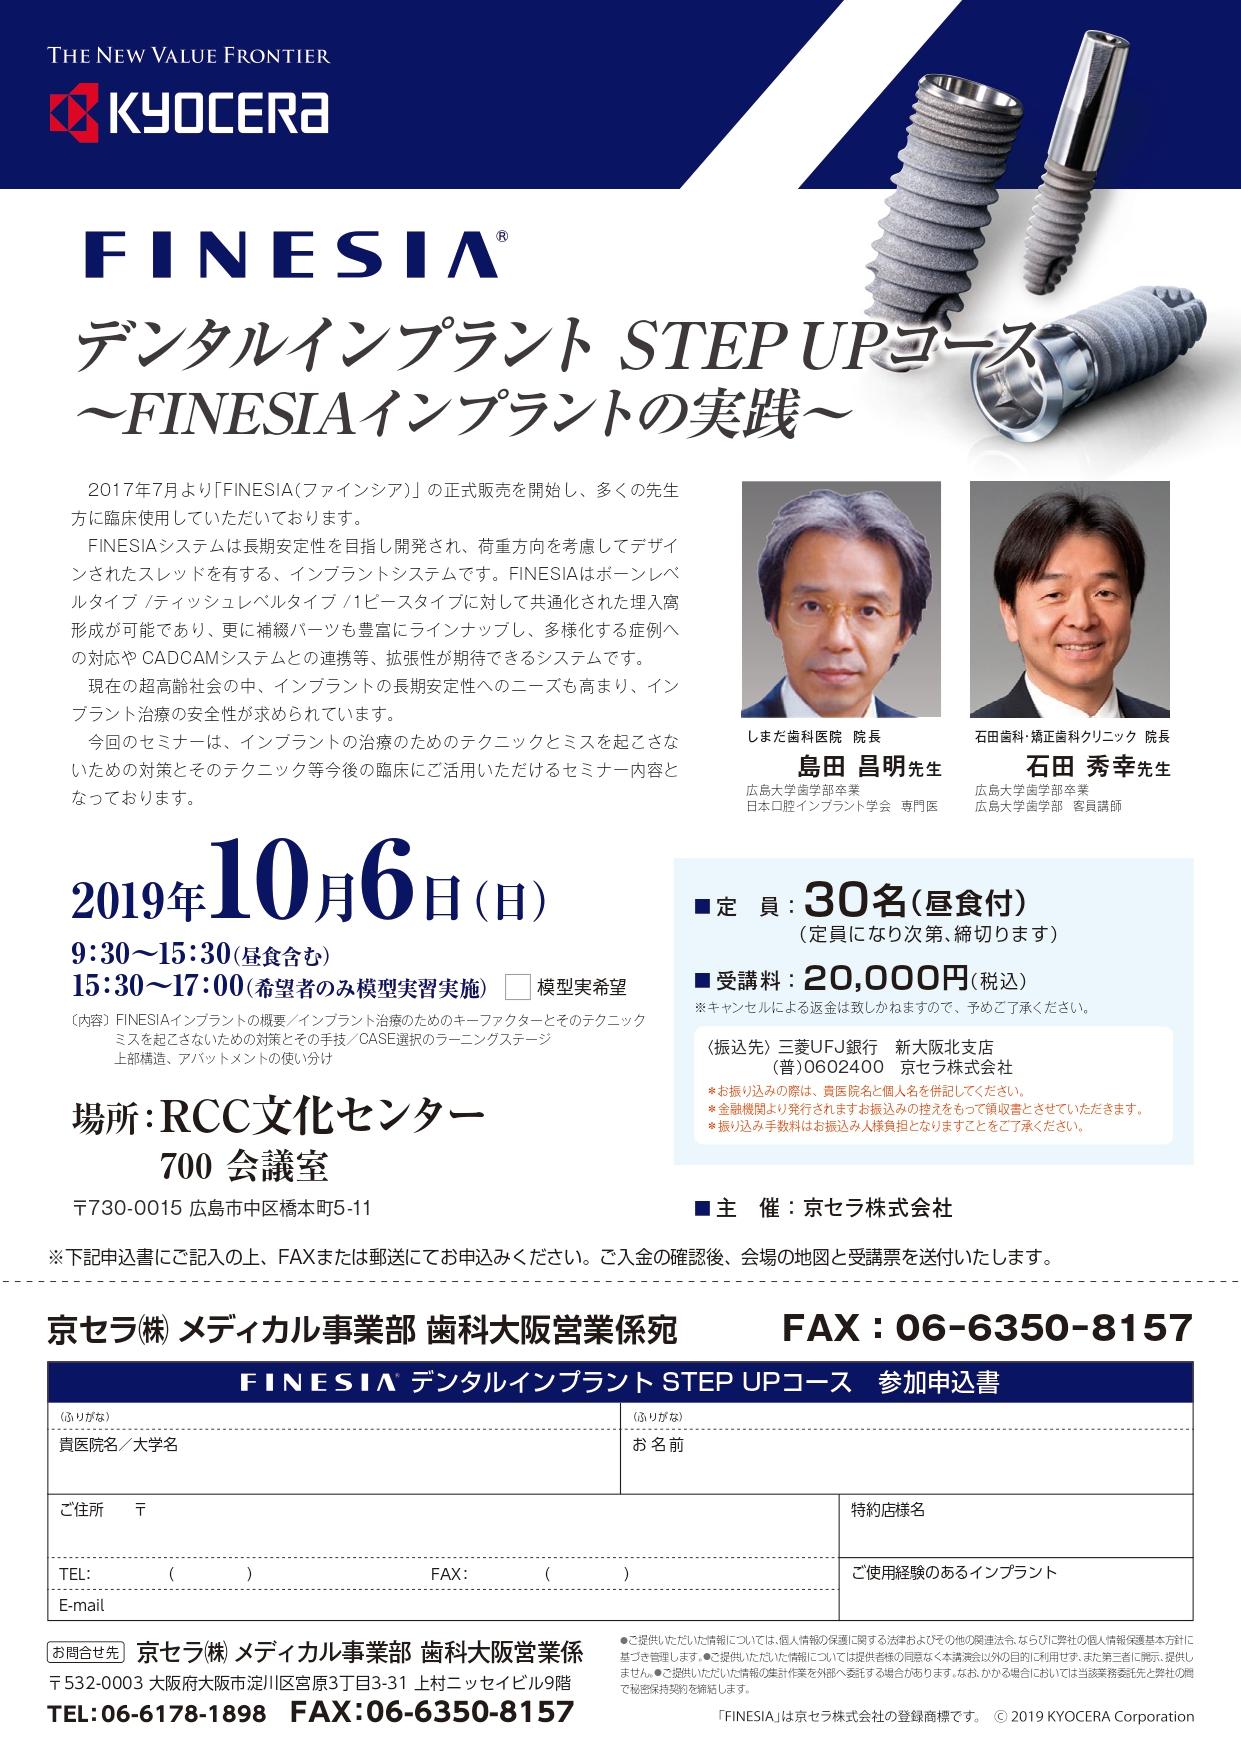 FINESIA デジタルインプラント STEP UPコース ~FINESIAインプラントの実践~